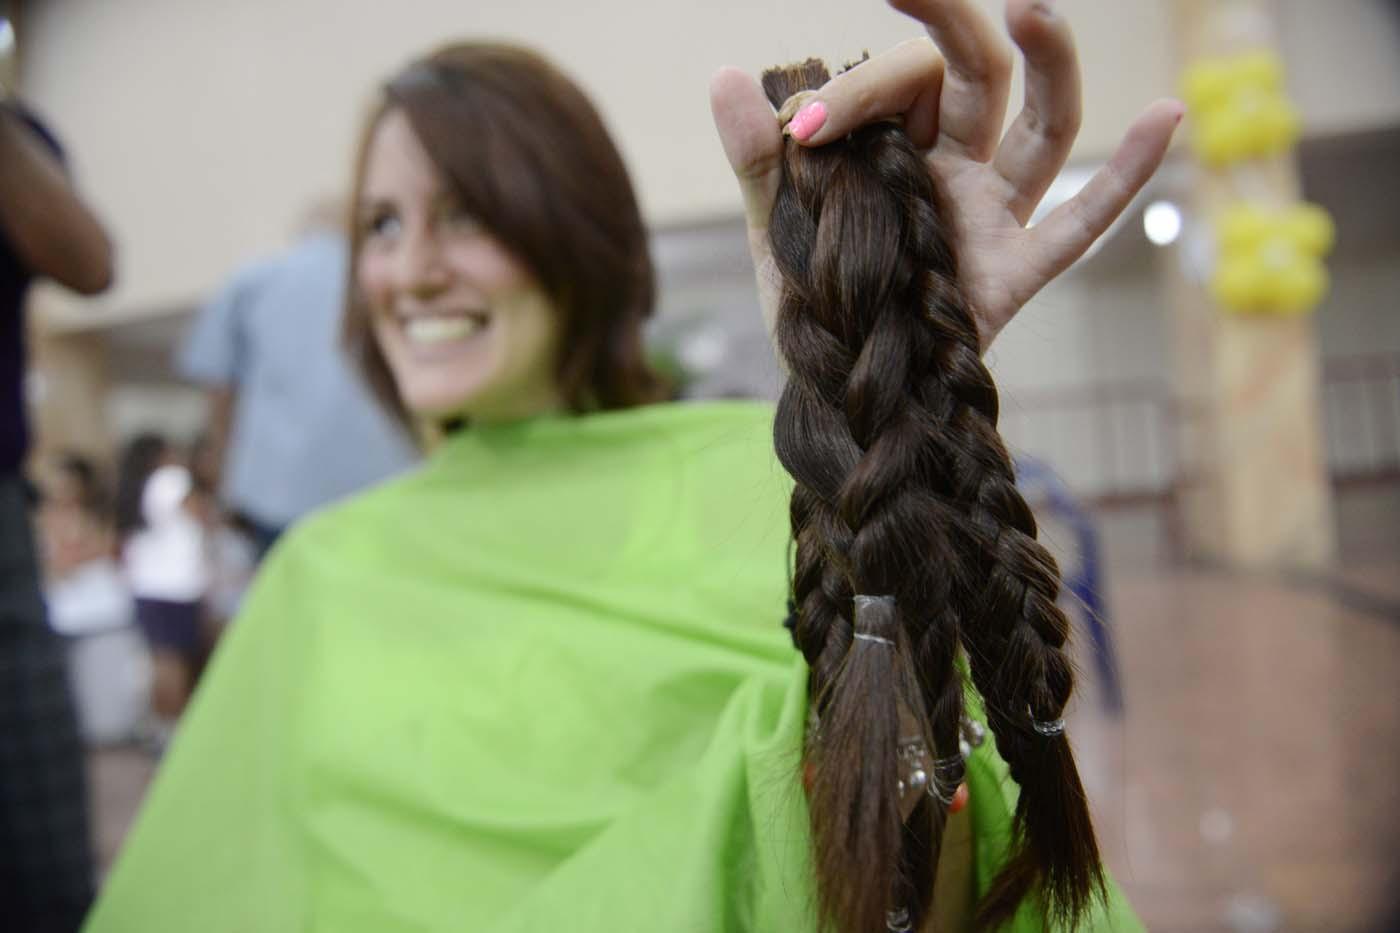 Una donadora de cabello muestra con felicidad su apoyo